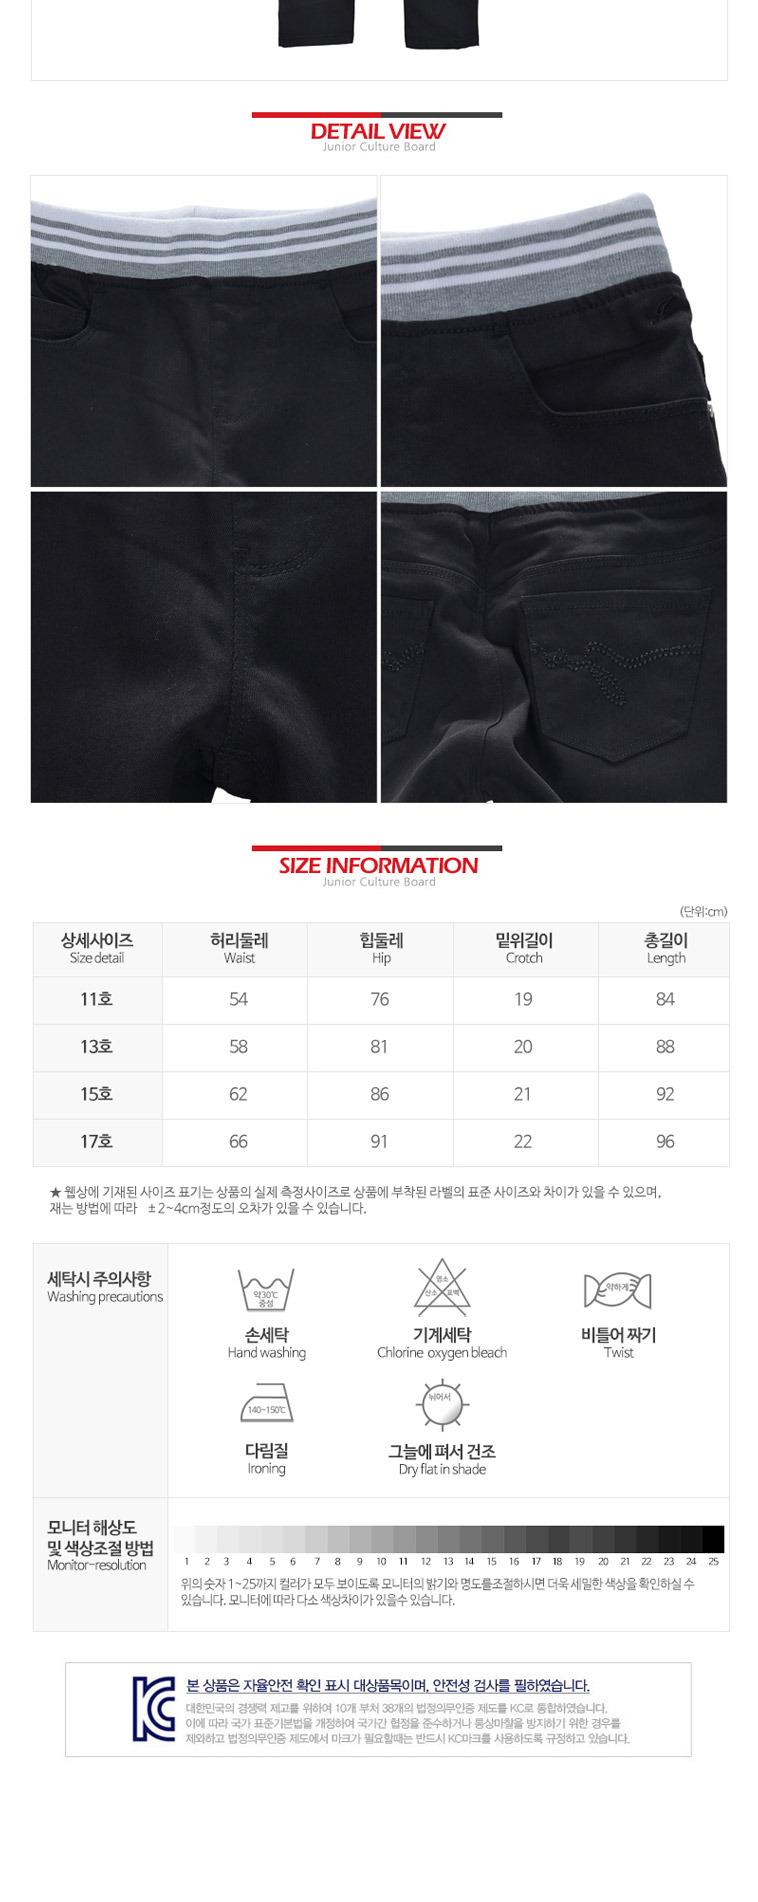 [명예의전당] JCB/애플핑크外 오구 - 상세정보